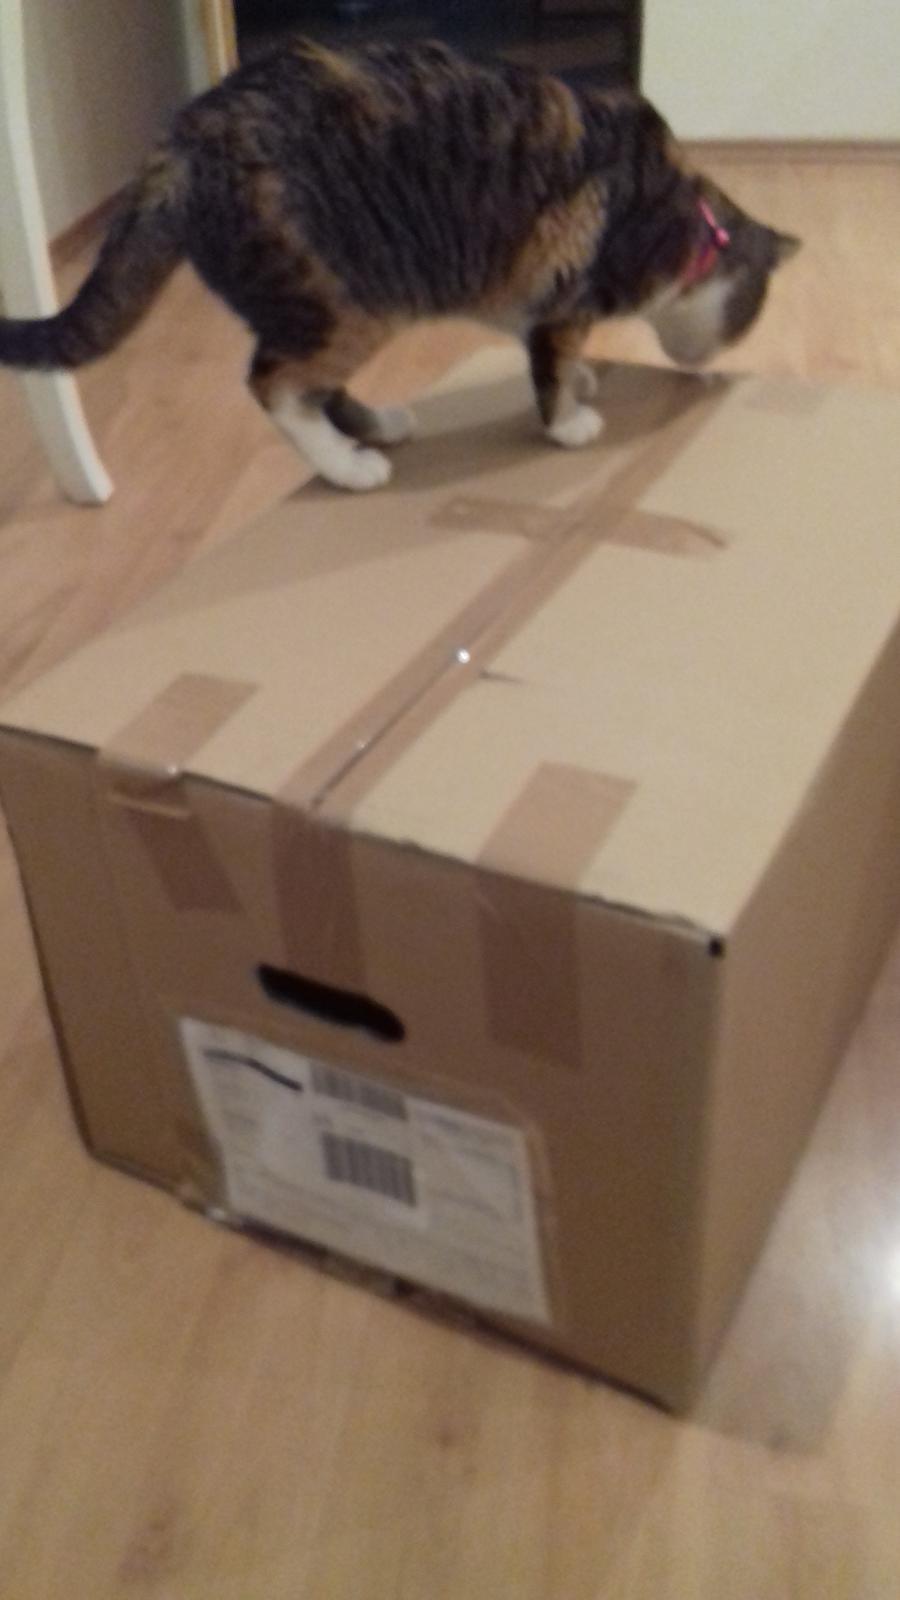 Prišla stuhou previazaná škatuľka a v nej bola vysnívaná taburetôčka :-) Predčasné vianoceeee mám :-D - Obrázok č. 1